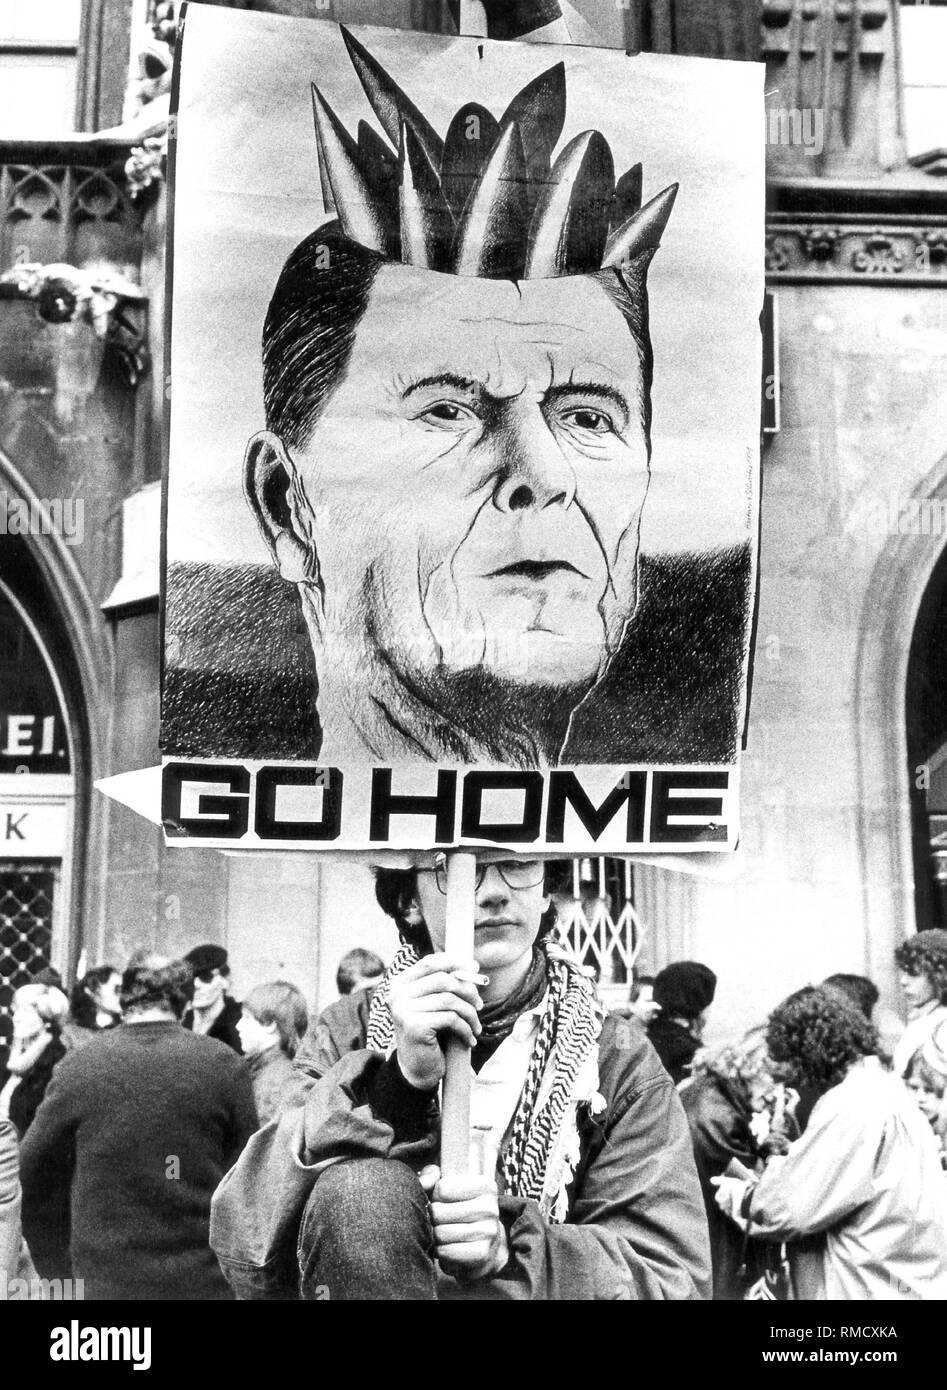 Un participante de una manifestación pacífica contra el armamento nuclear de la OTAN tiene un póster de Reagan. Imagen De Stock